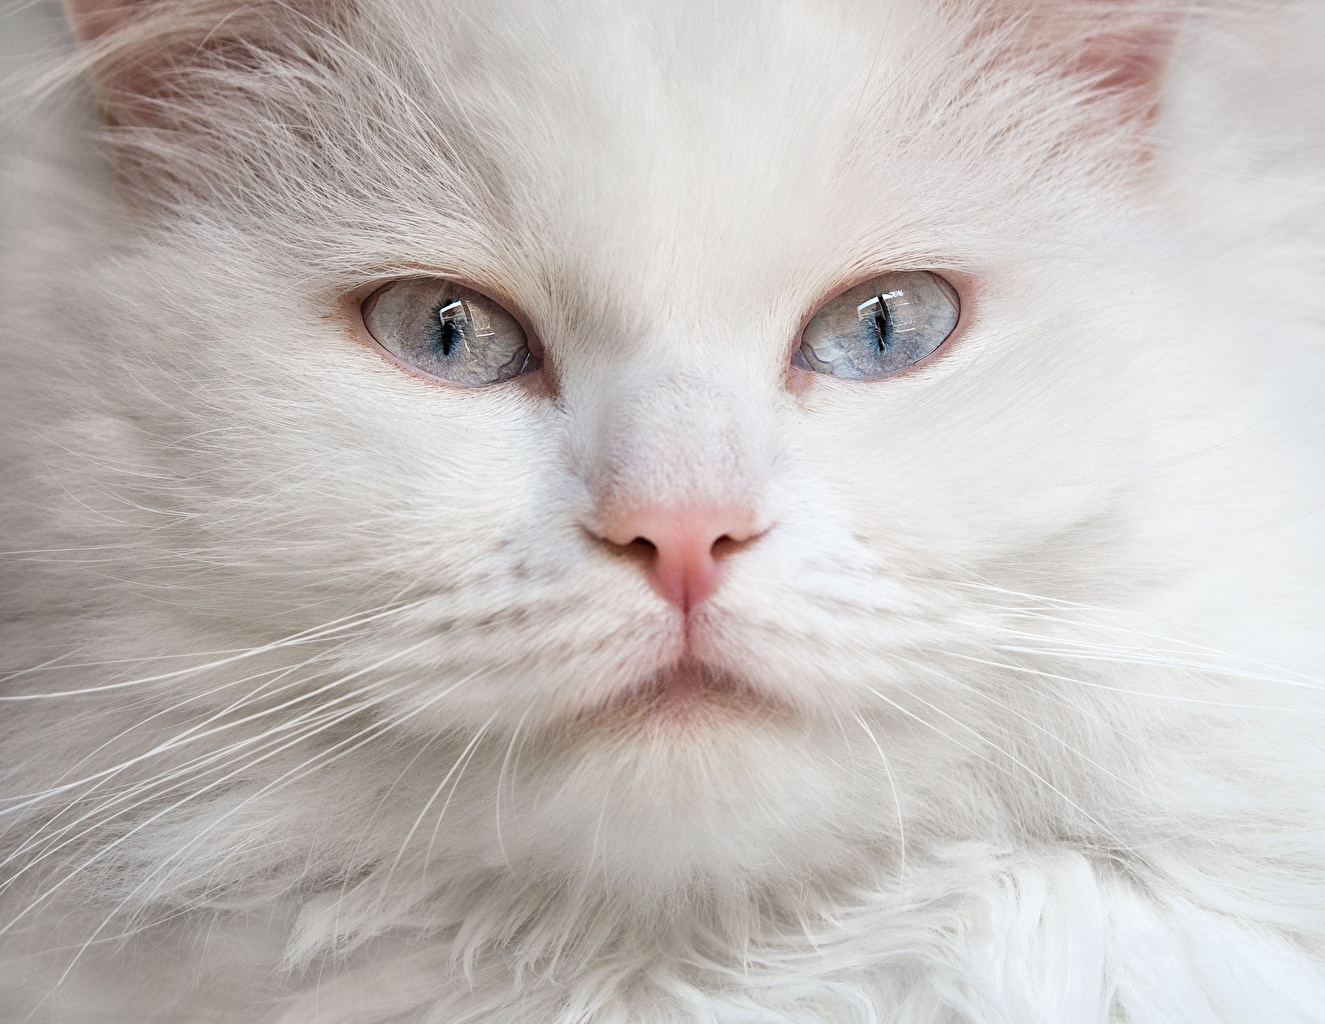 Картинка Коты Белый Морда смотрит Животные Кошки Взгляд